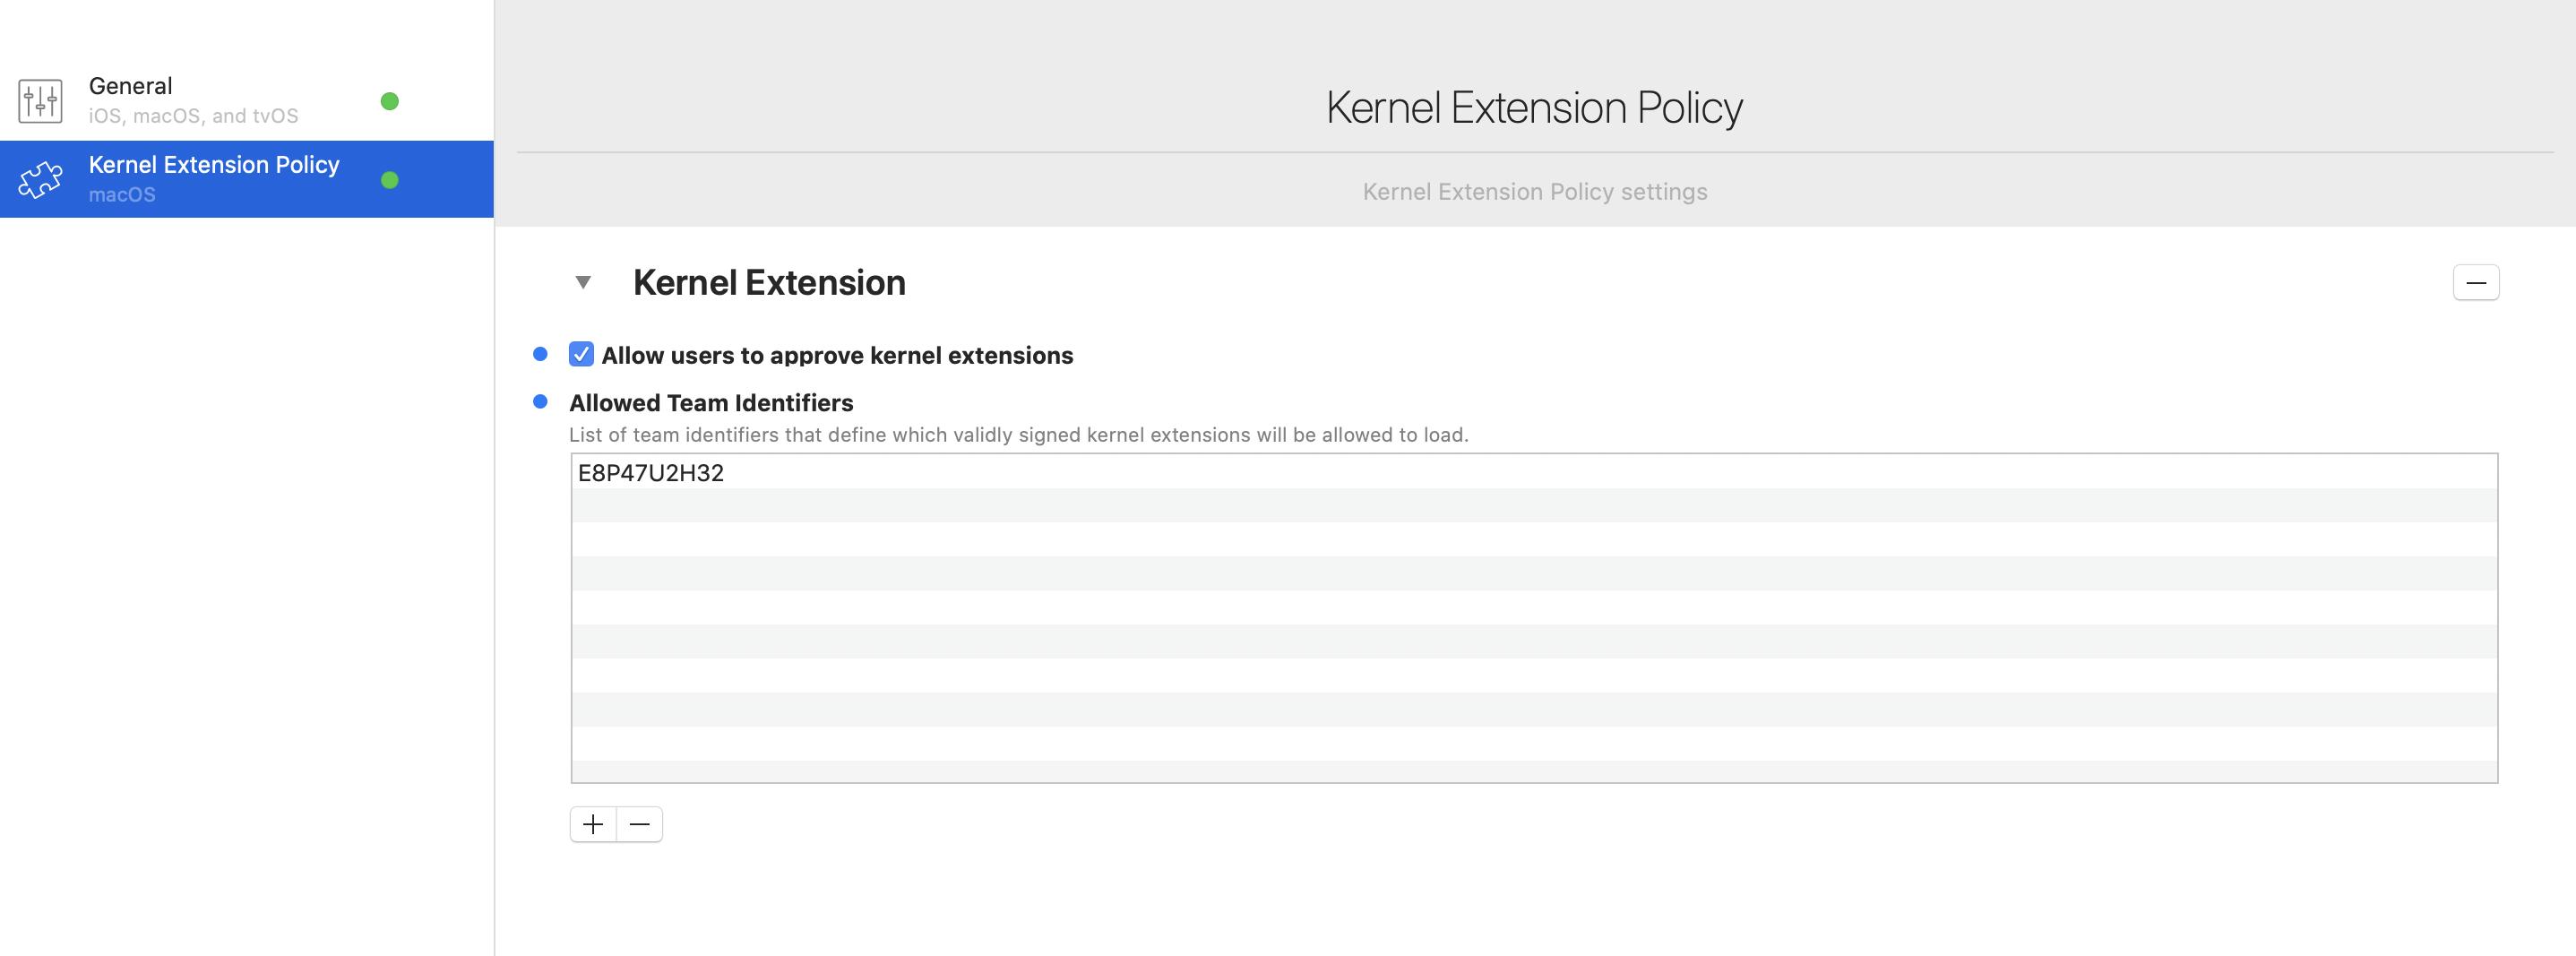 Kernel Extension